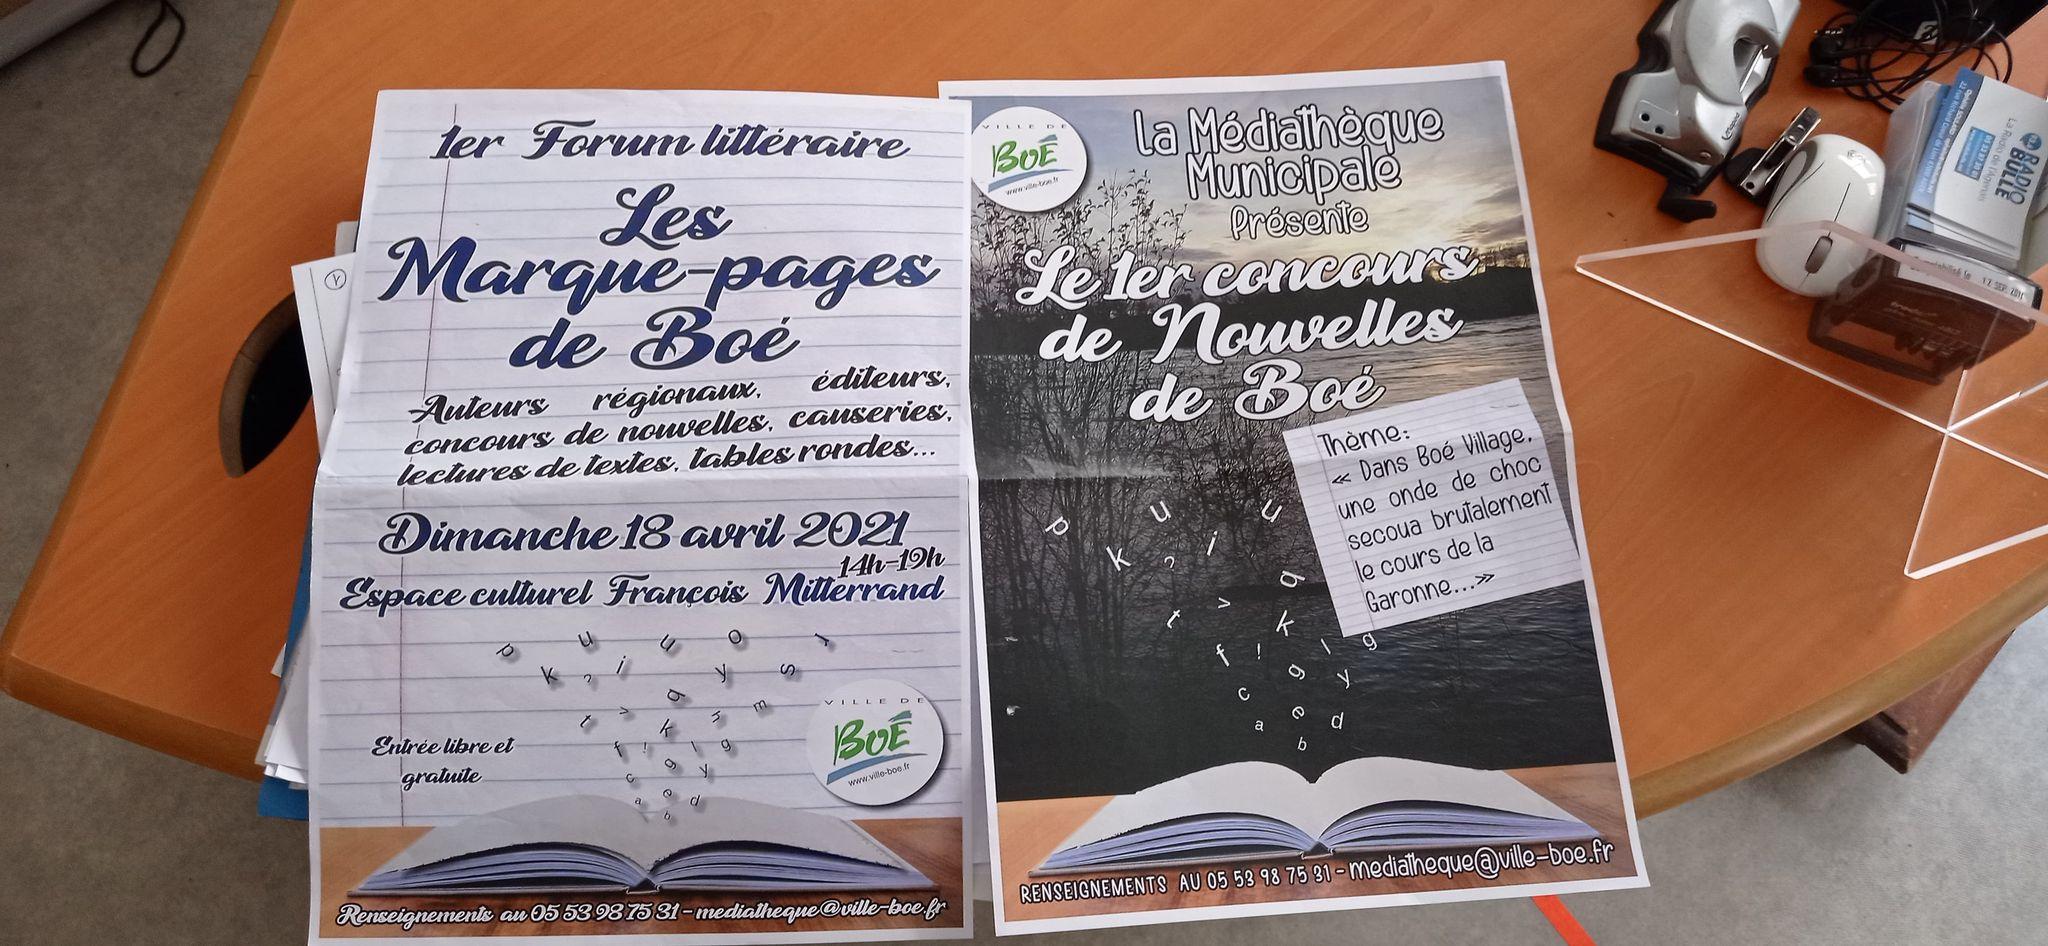 Un forum littéraire et un concours de nouvelles, c'est ce que propose la Ville de Boé !